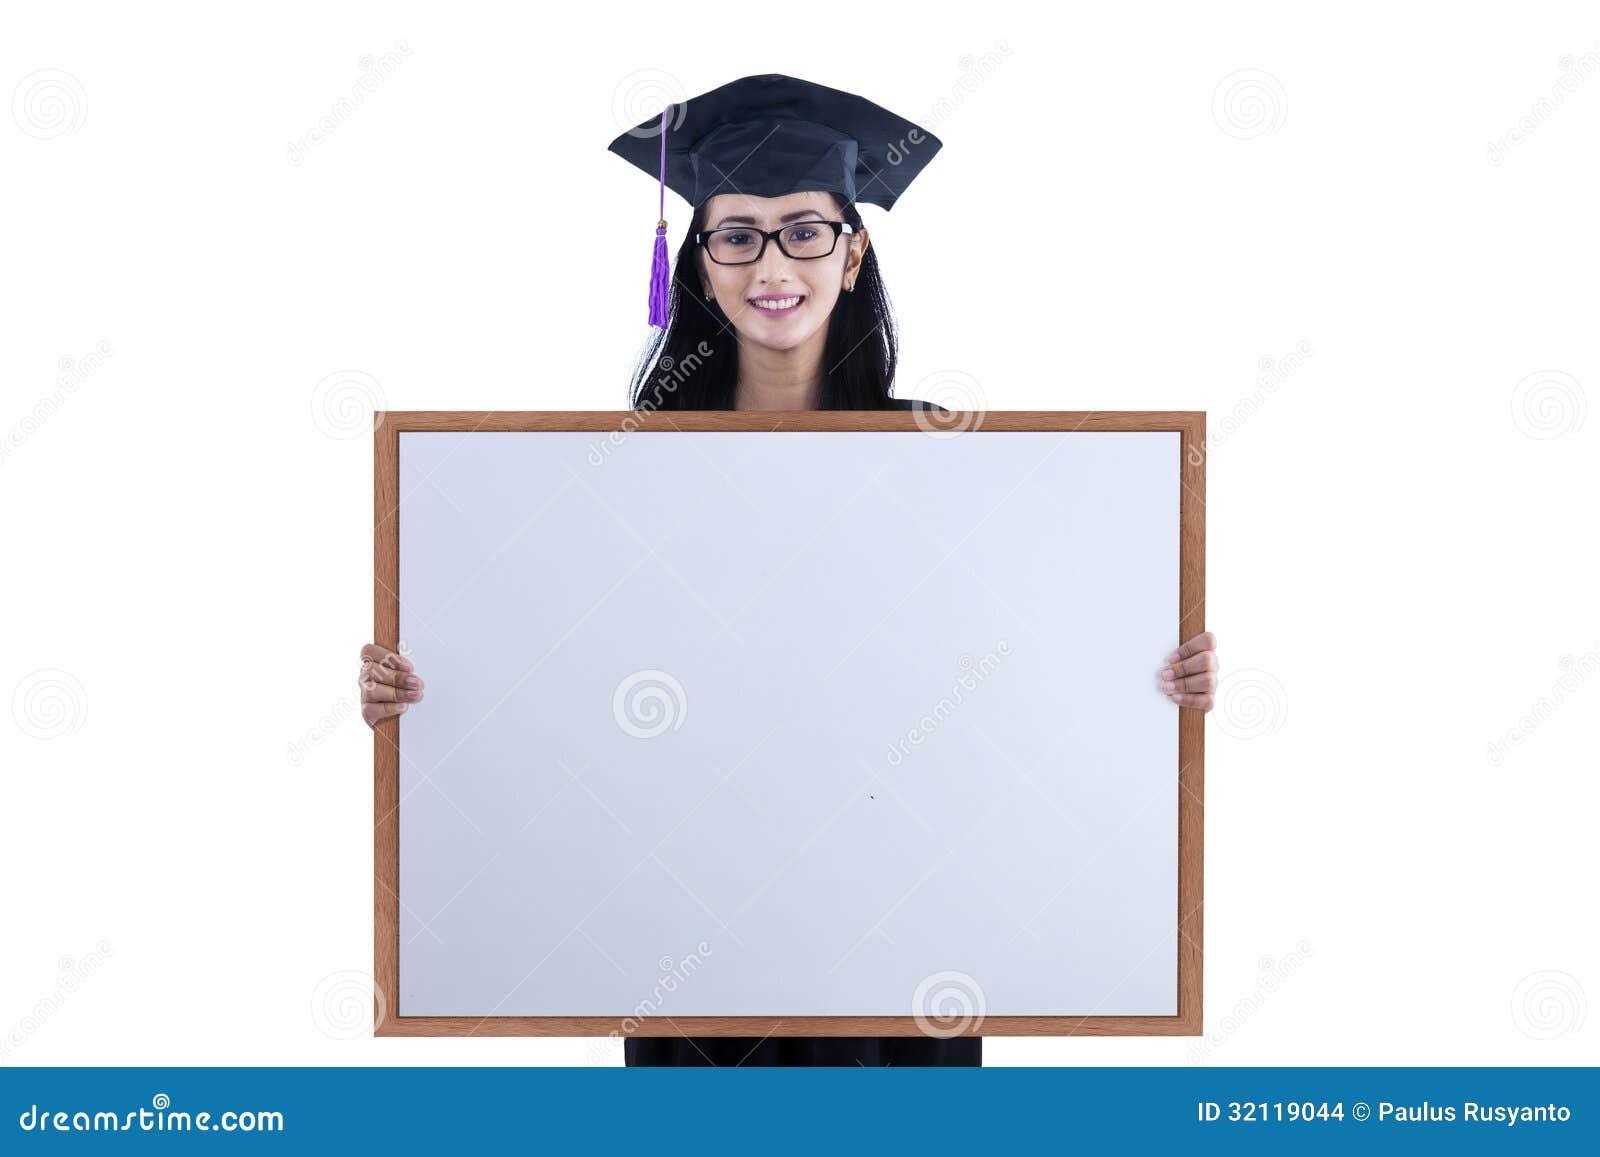 3dfa9b872 Muchacha feliz del estudiante de la graduación con la cartelera en blanco